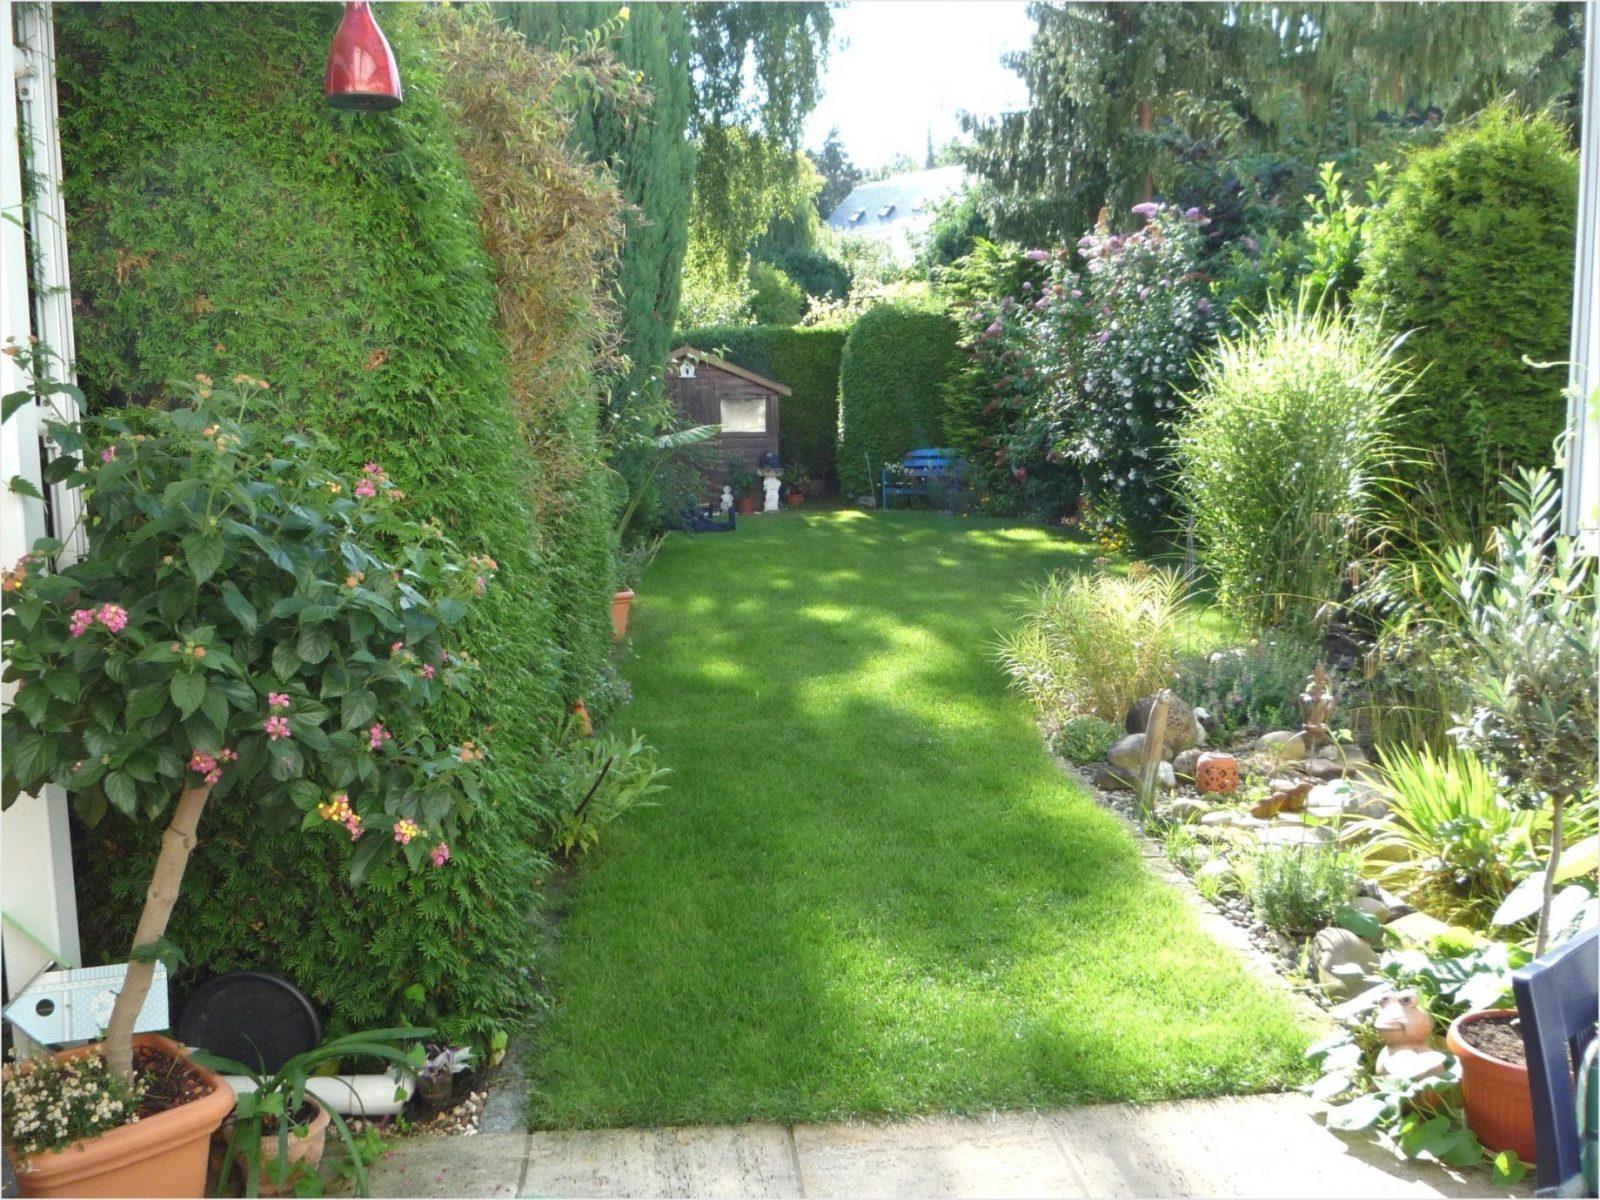 ... Garten Ohne Rasen Beispiele Best Of Gartengestaltung Kleiner Garten Von  Gartengestaltung Kleine Gärten Ohne Rasen Photo ...